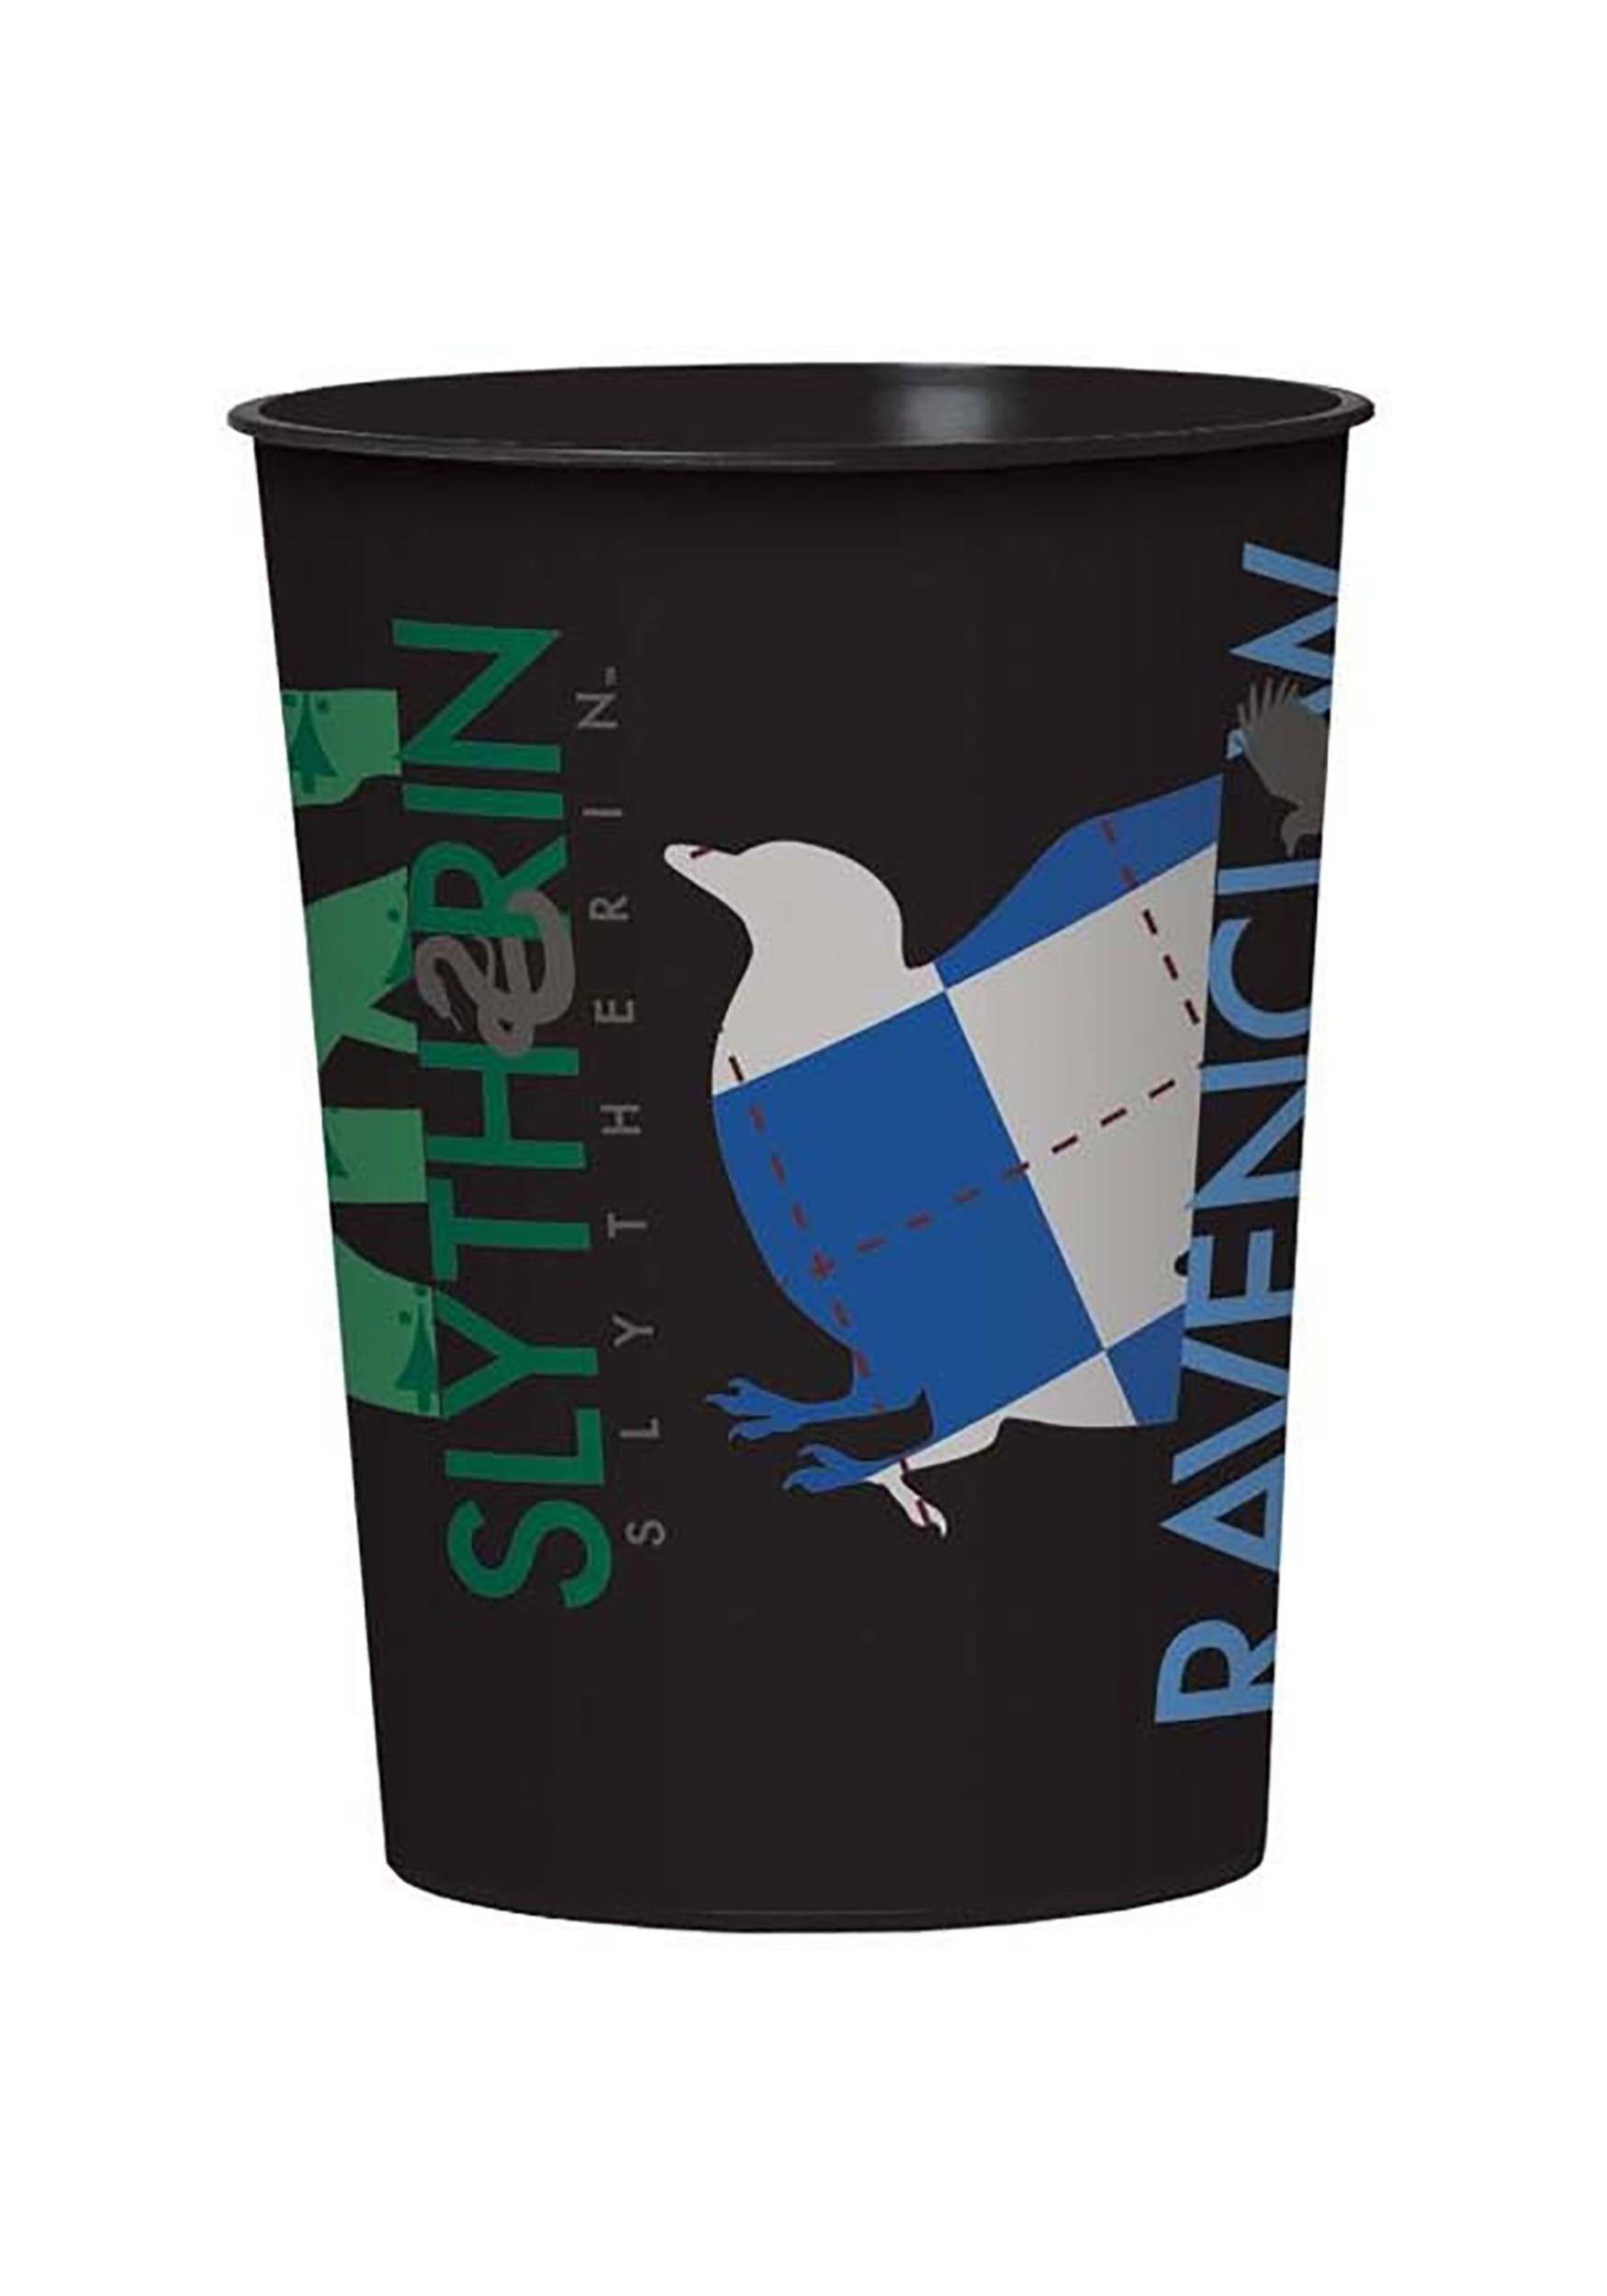 Harry Potter Plastic 16 oz. Party Cup AM421890